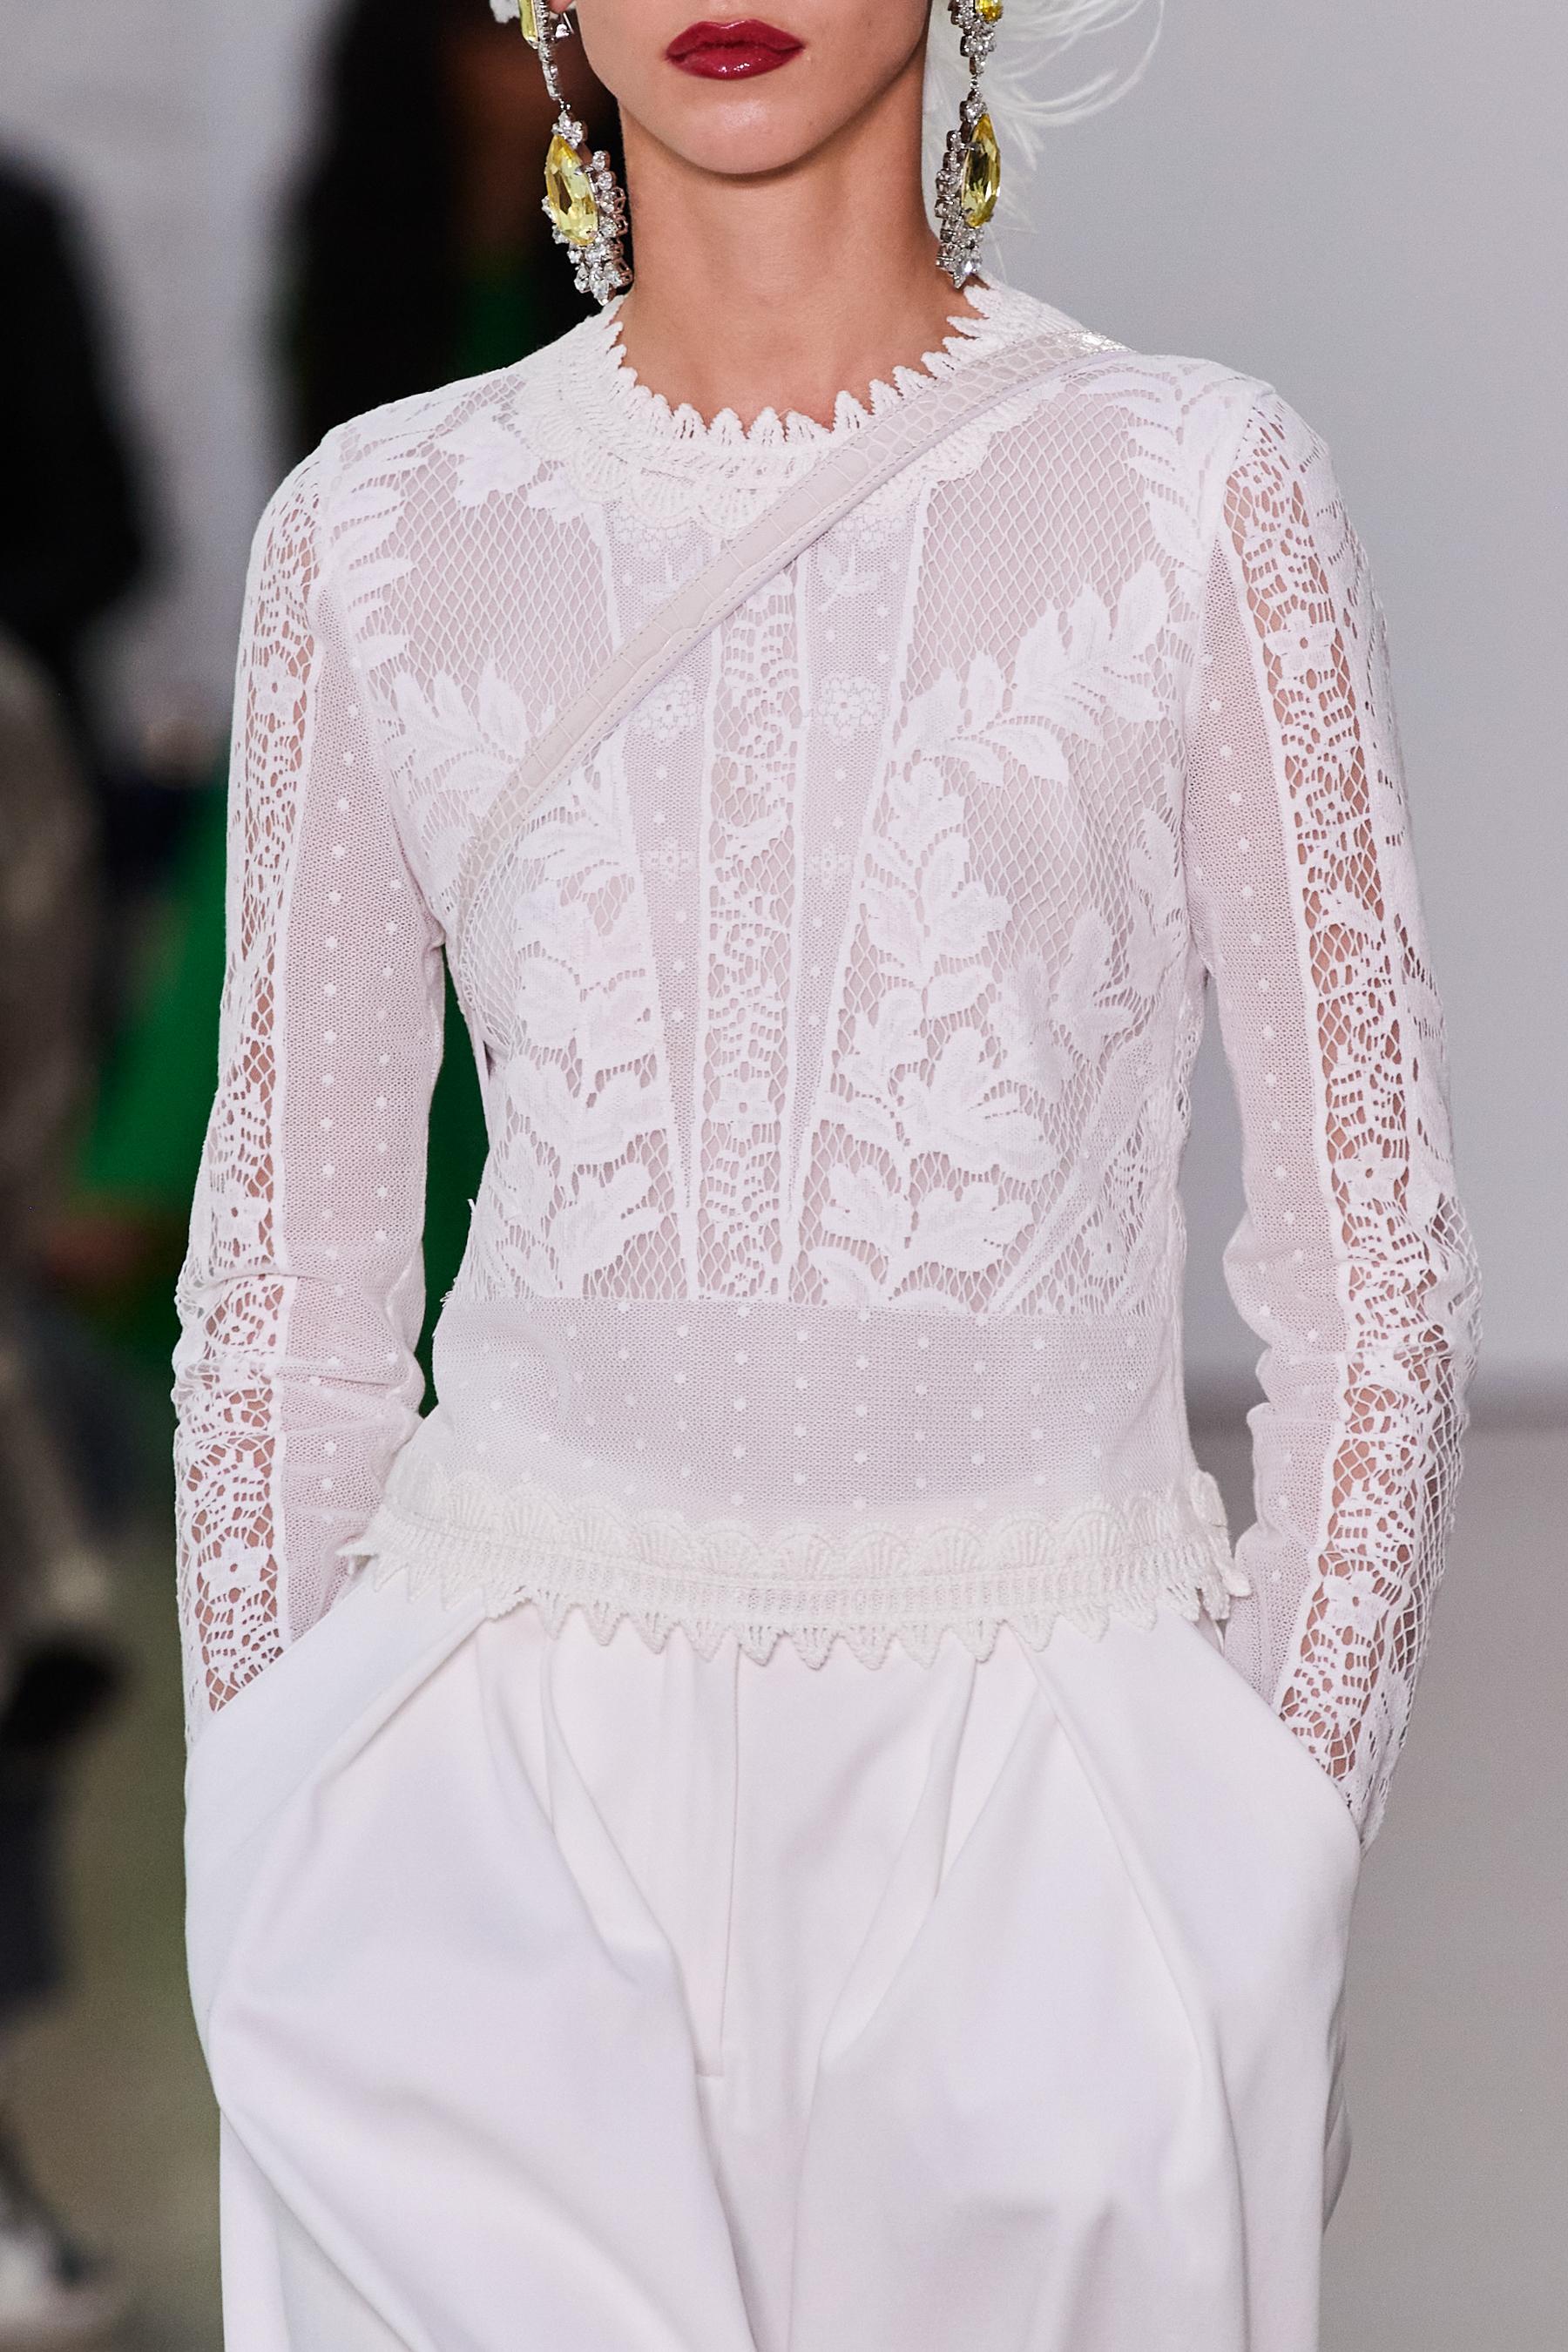 Giambattista Valli Spring 2022 Details Fashion Show